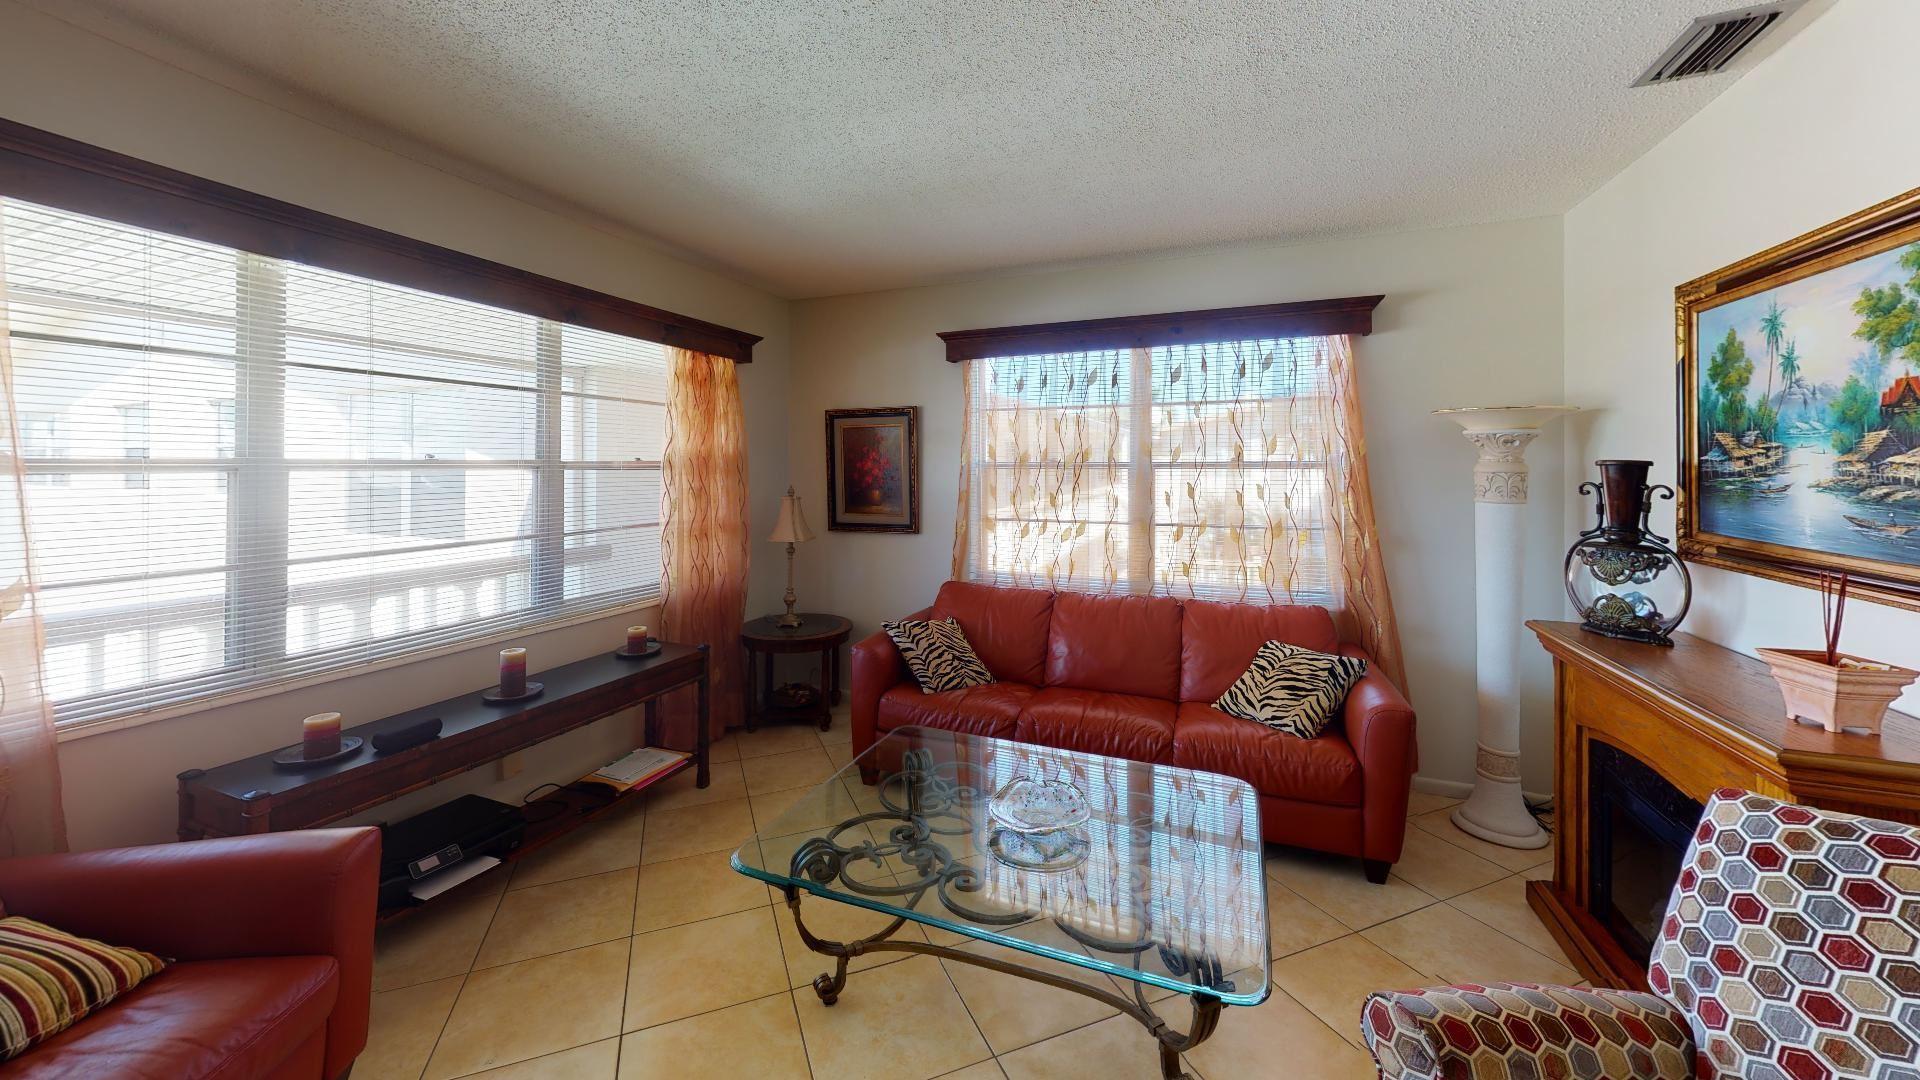 440 Windsor S, West Palm Beach, FL 33417 - #: RX-10655813